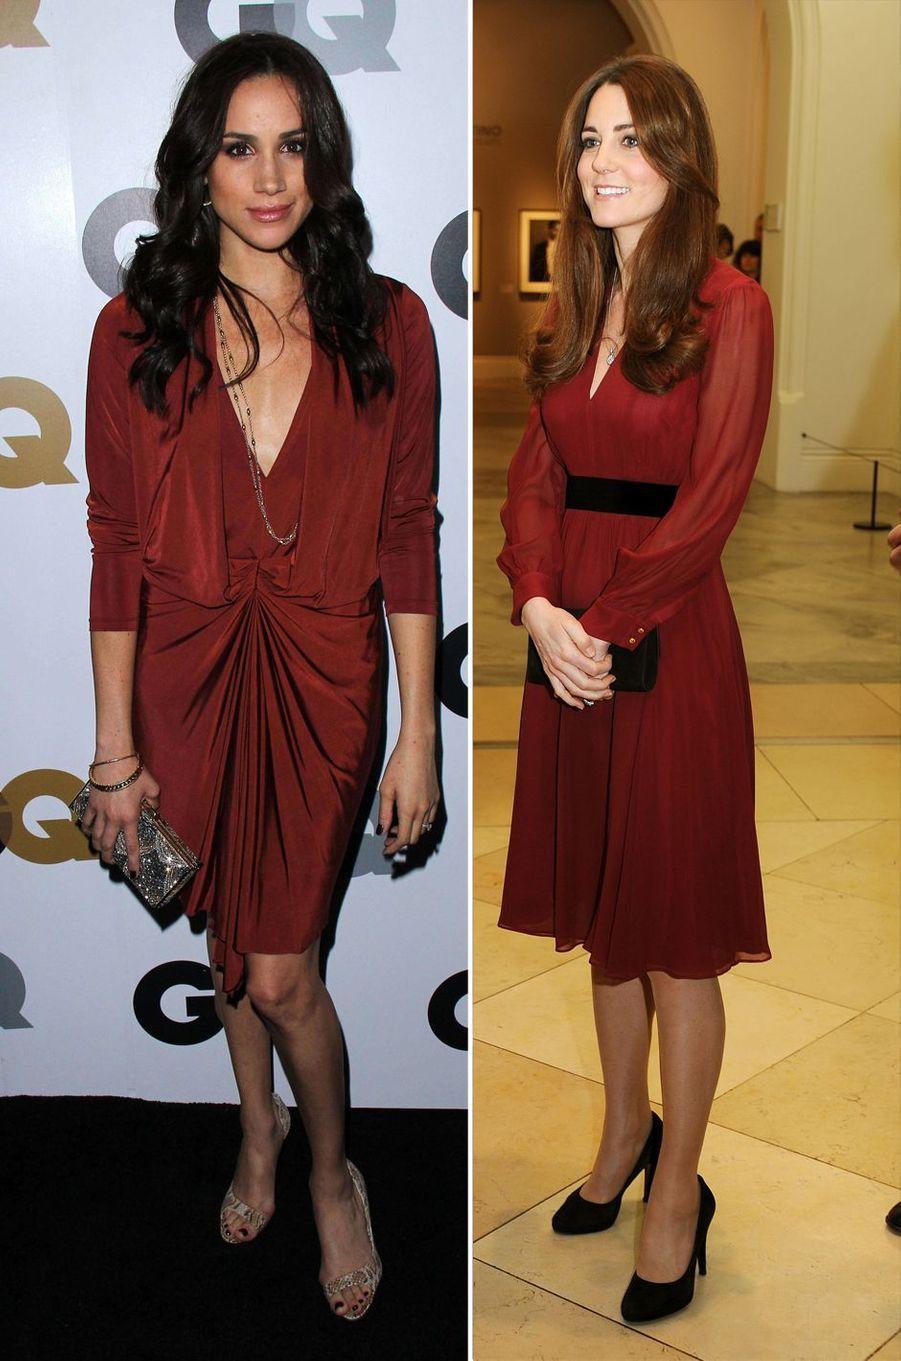 Meghan Markle le 13 novembre 2012 et Kate Middleton le 11 janvier 2013